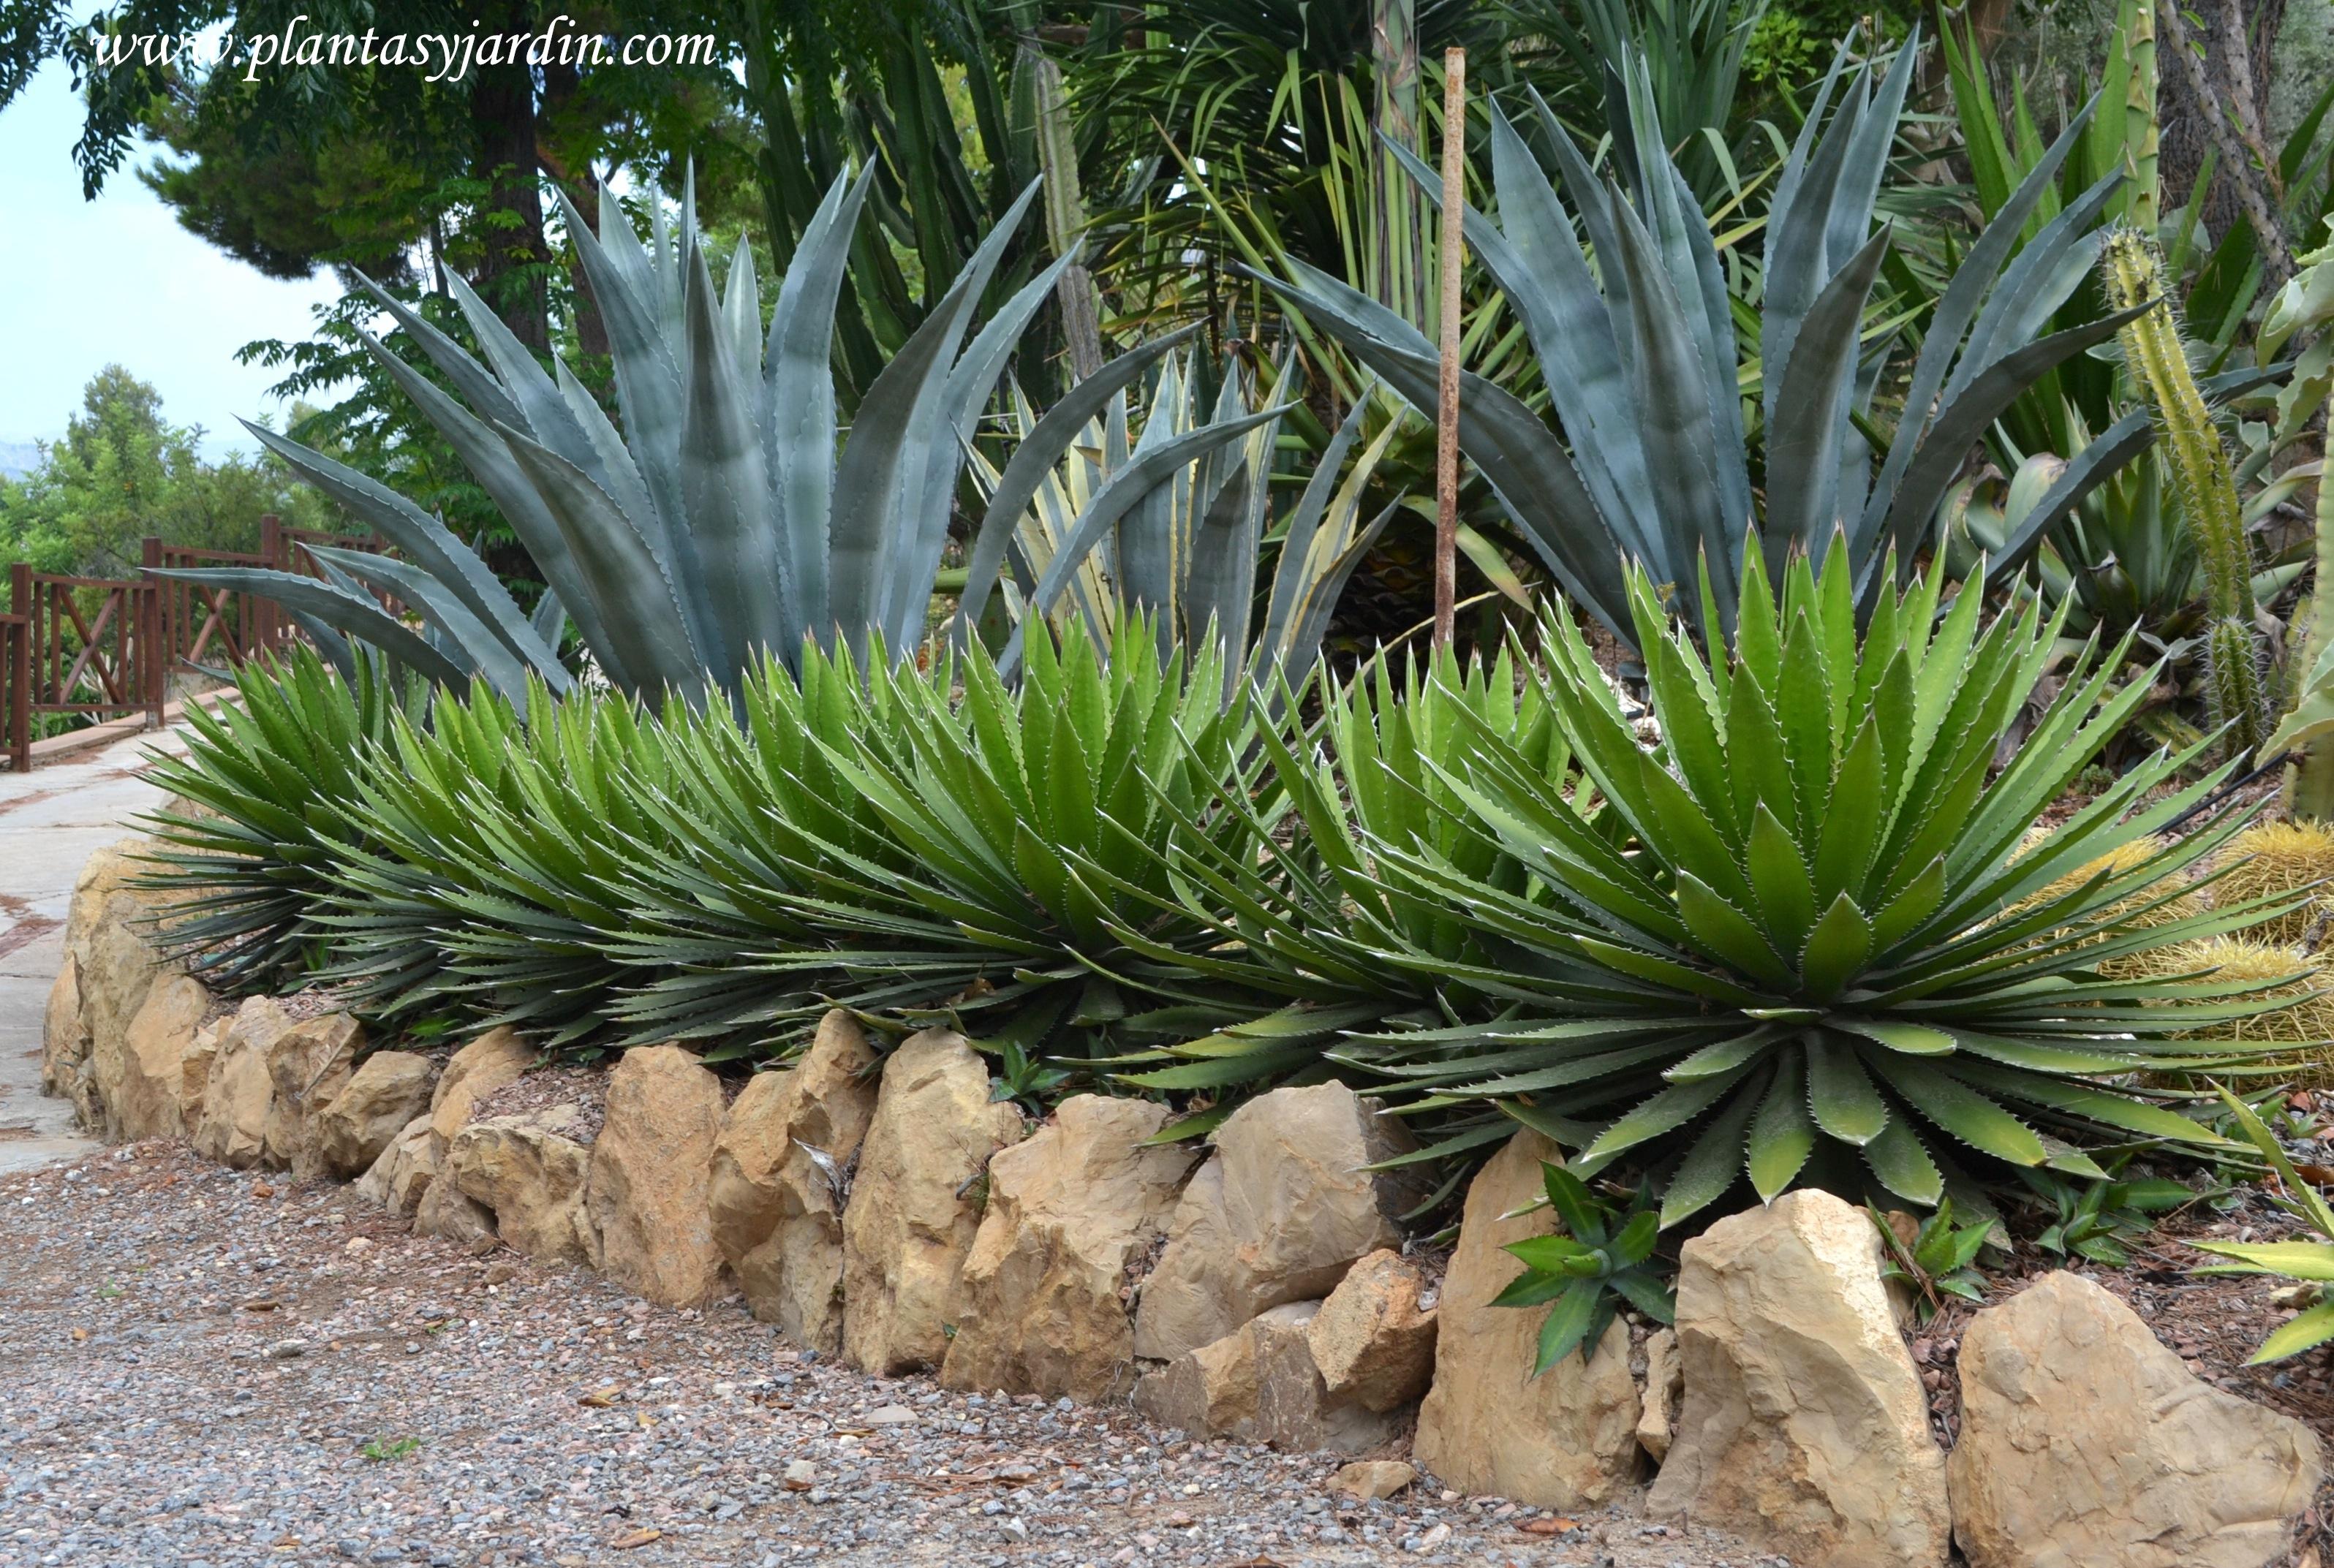 Jardines junto al mar plantas para zonas costeras for Plantas pequenas para jardin